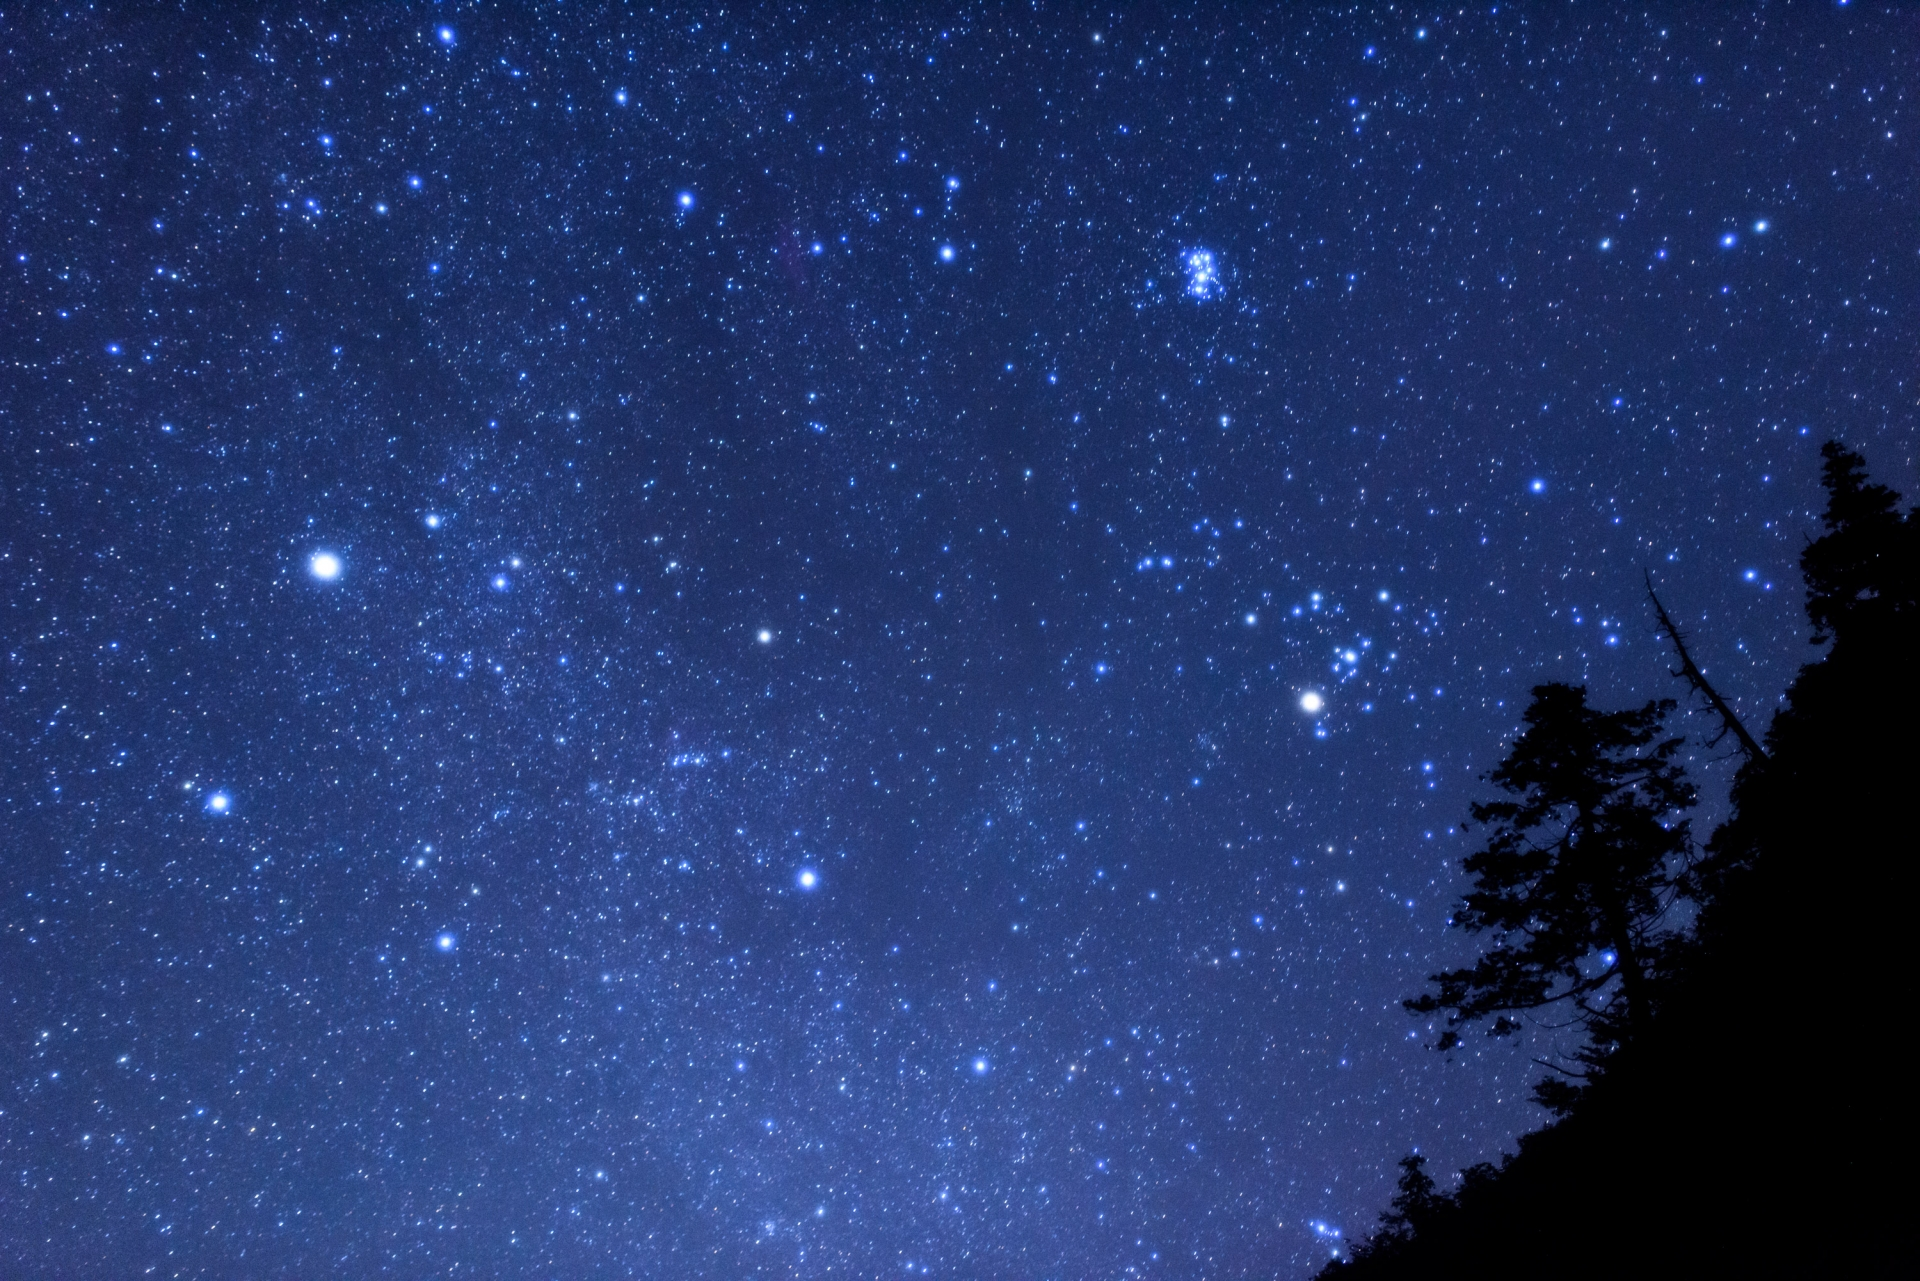 【冬デート】冬はロマンティックに星空デートをしてみない?